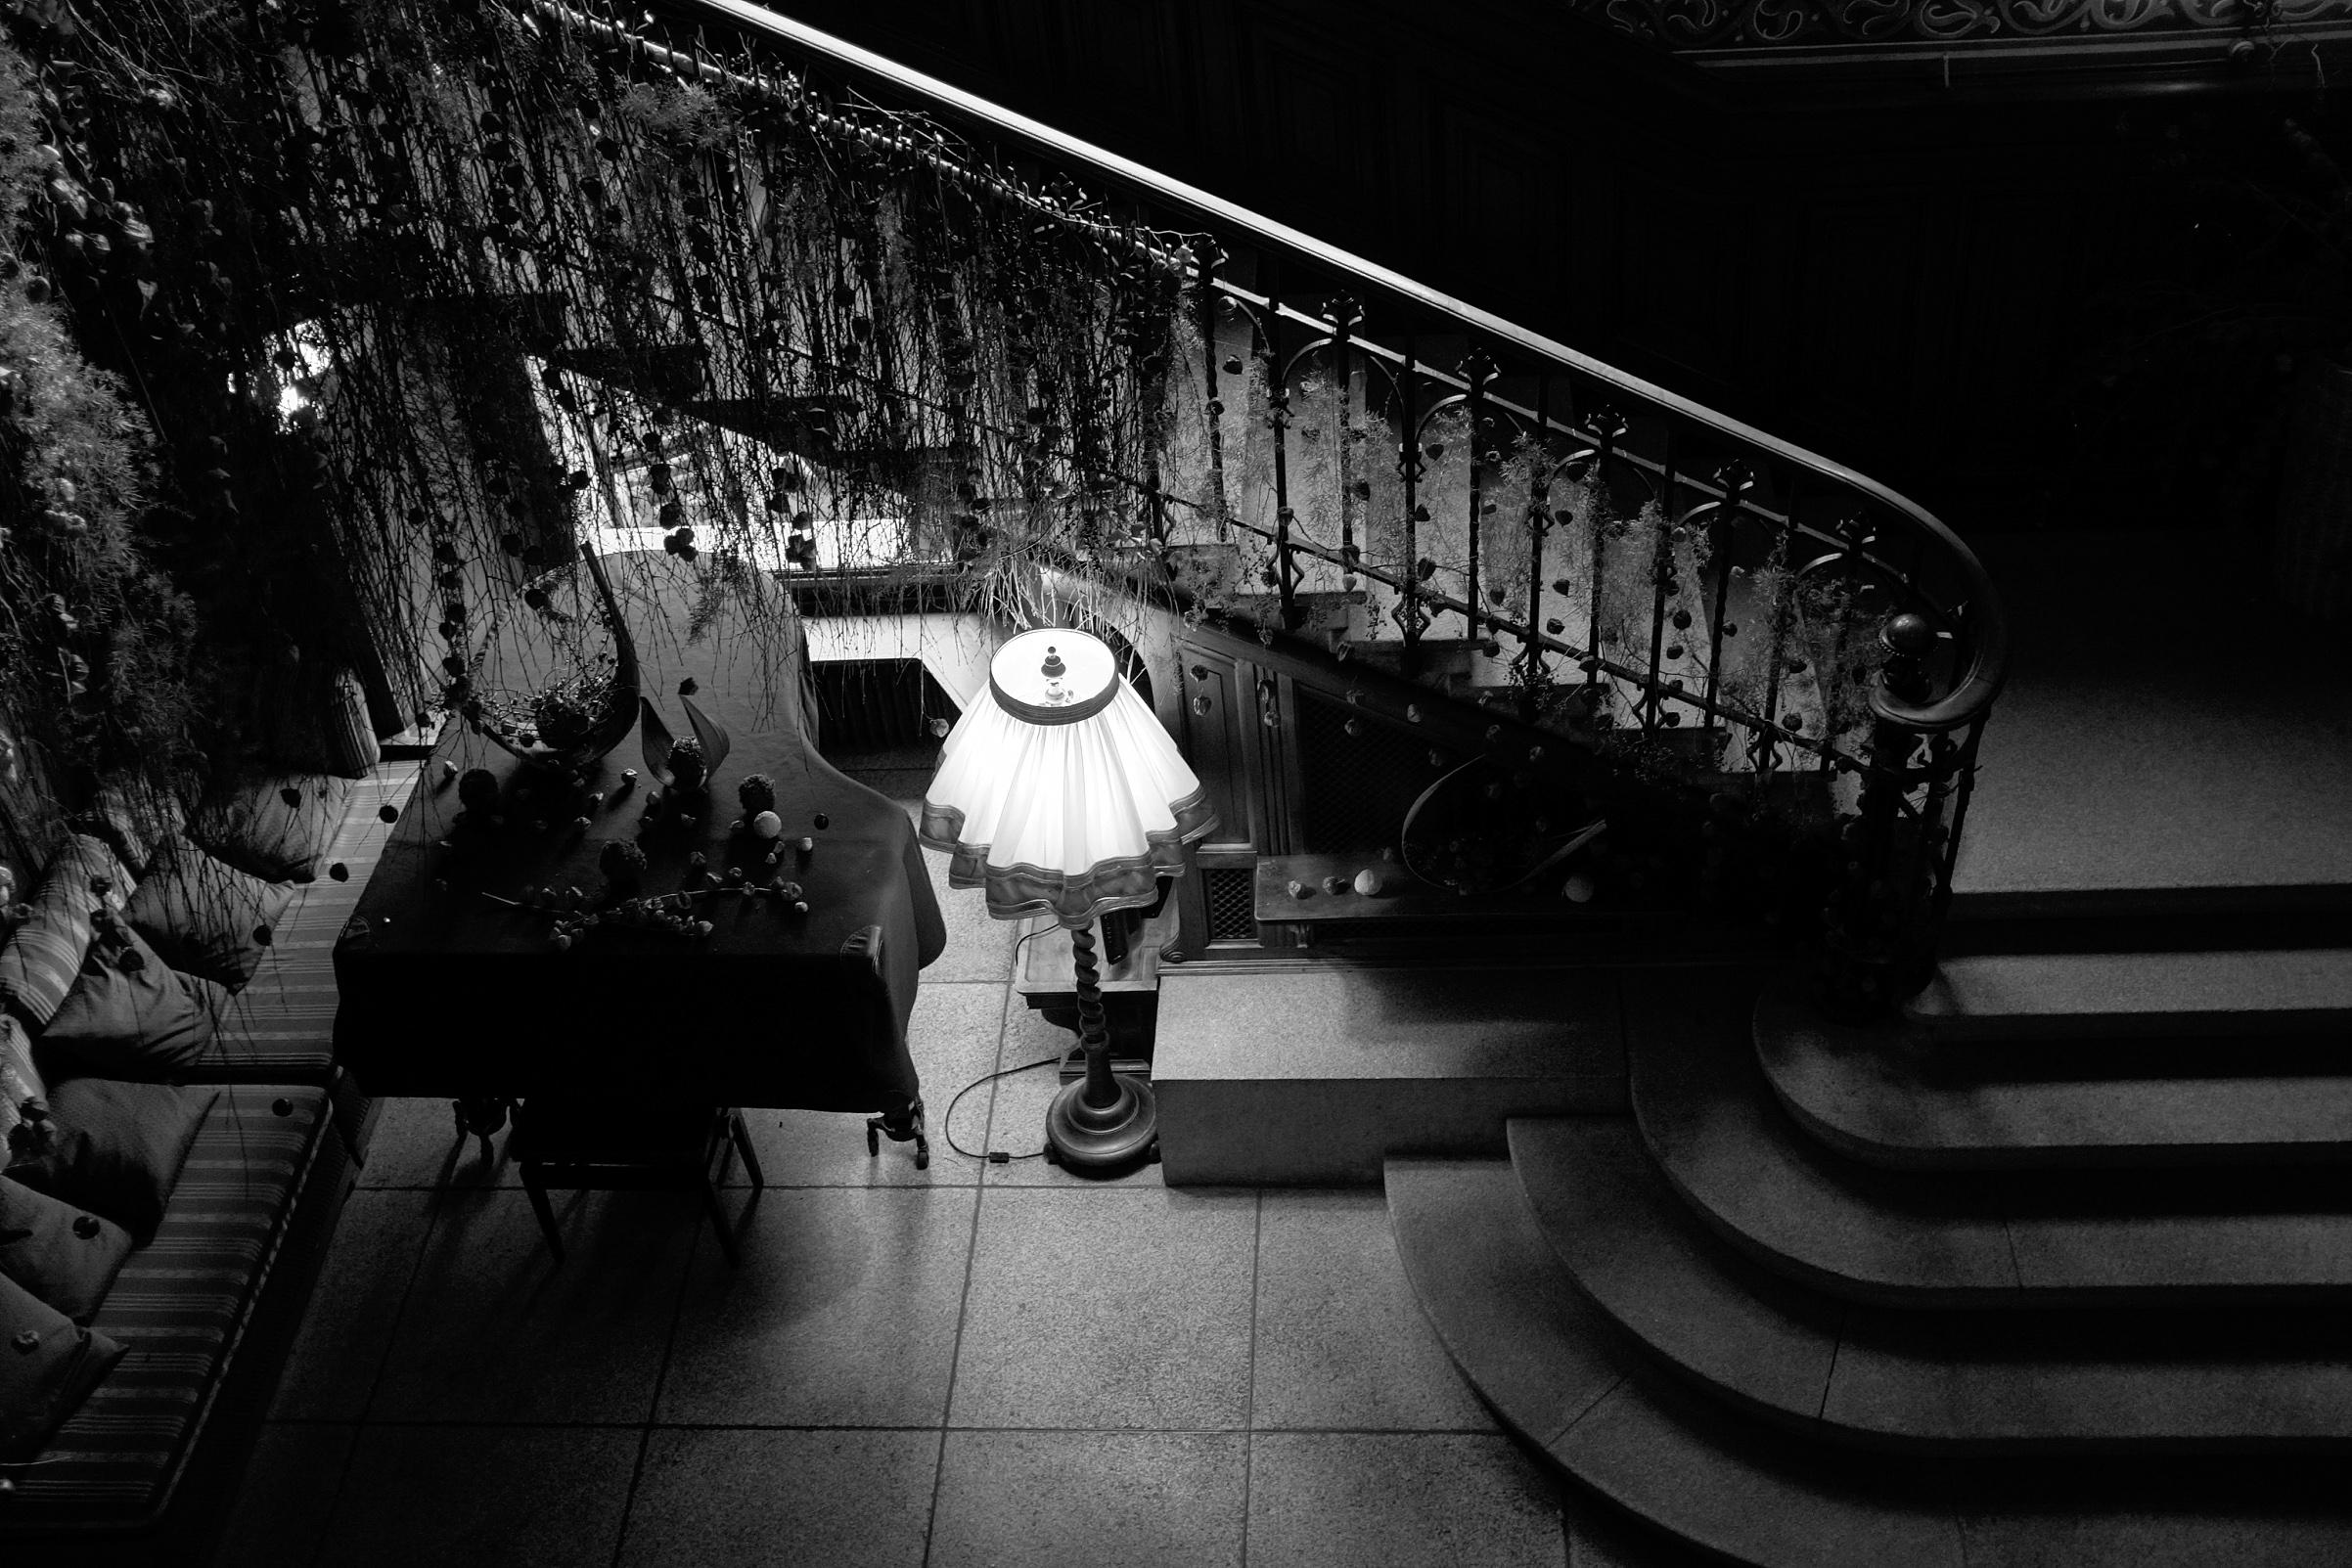 Chateau Mercier , p. 198 - © José Fangueiro